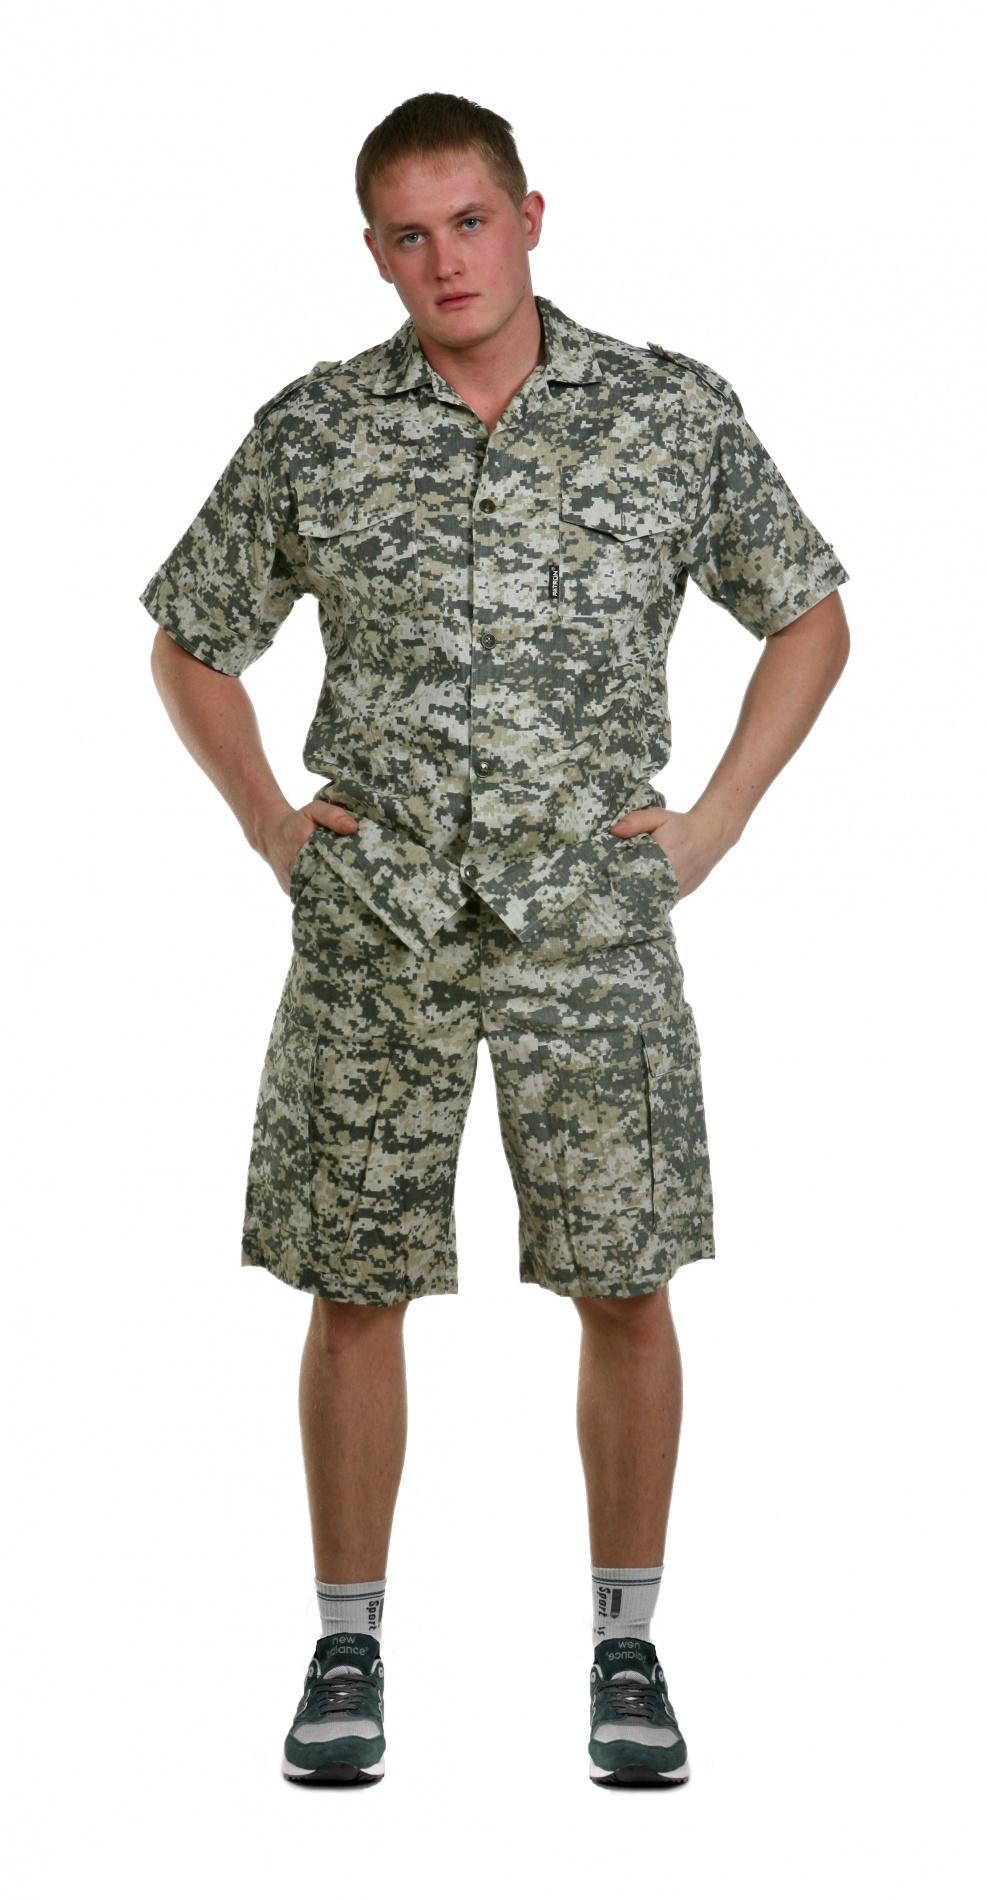 Шорты мужские Сафари 100% хлопок (52-54, 170-176)Шорты<br>Легкие мужские шорты для отдыха на природе. <br>Ткань 100% хлопок (бязь). Плотность 135г/кв.м. <br>5 карманов<br><br>Пол: мужской<br>Размер: 52-54<br>Рост: 170-176<br>Сезон: лето<br>Материал: хлопок